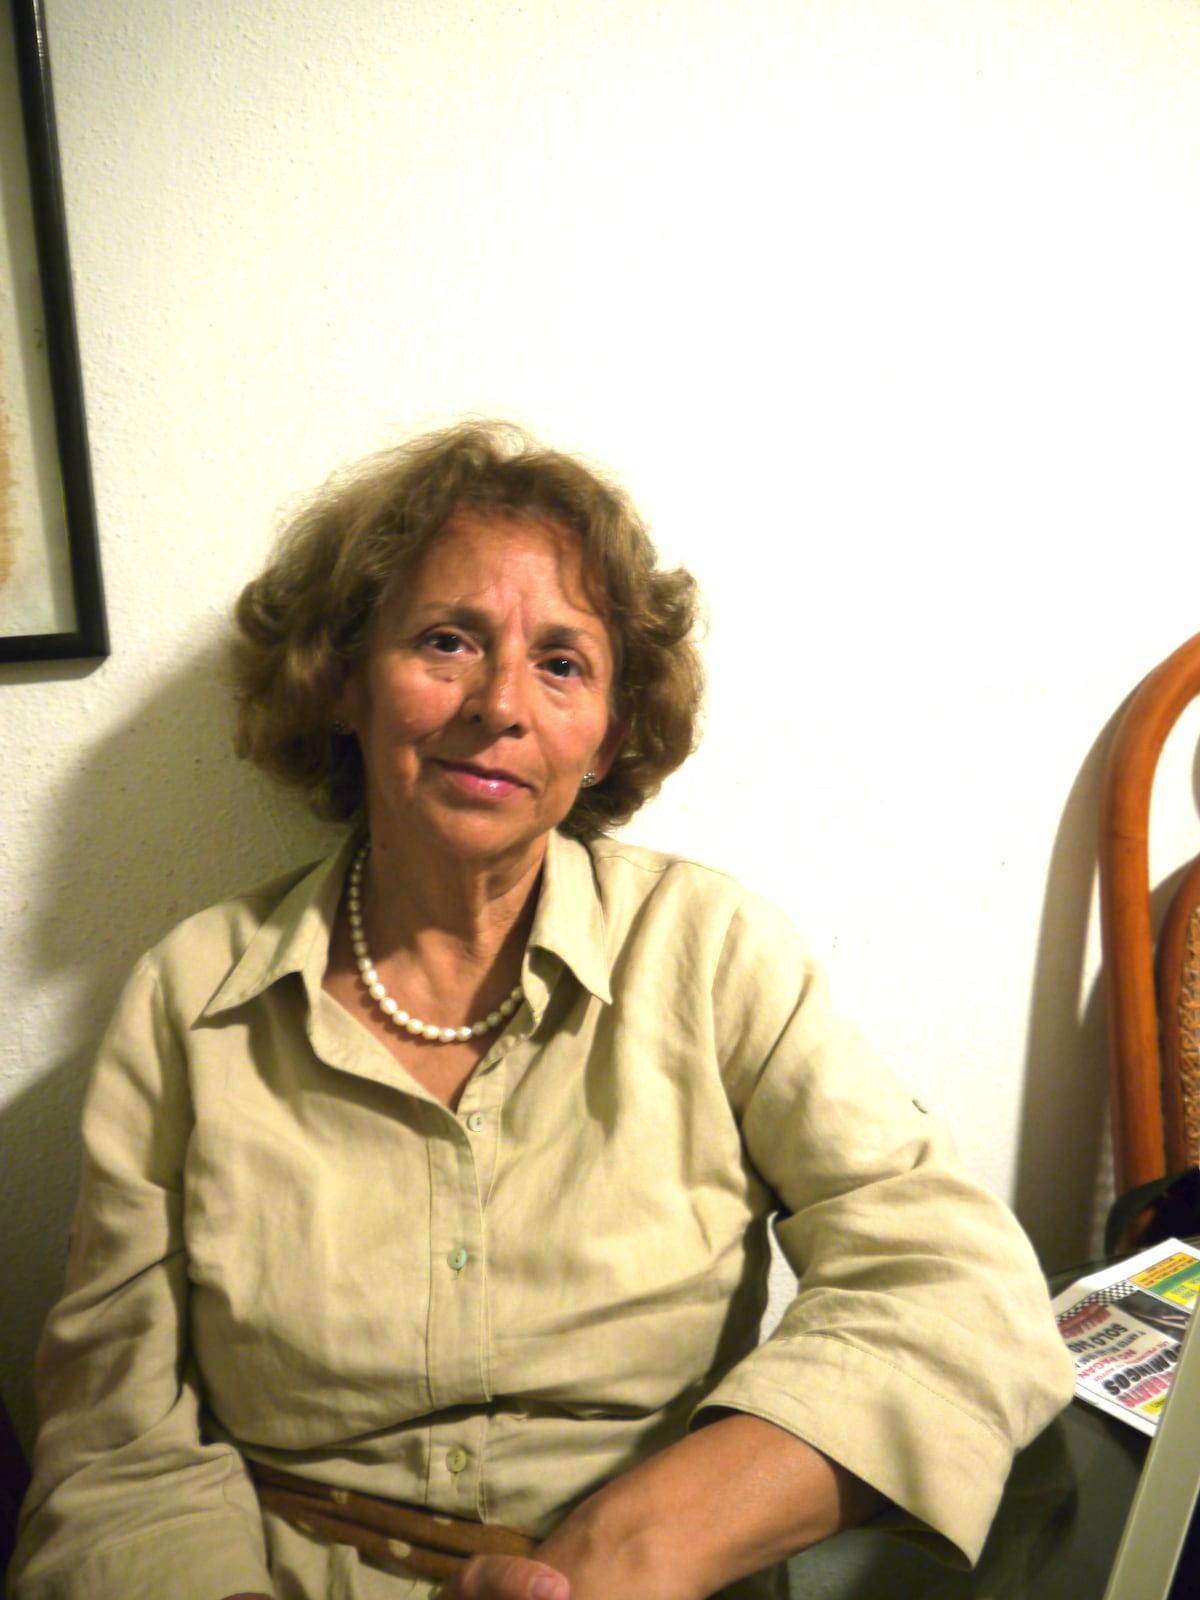 Iliana from Puerto Vallarta